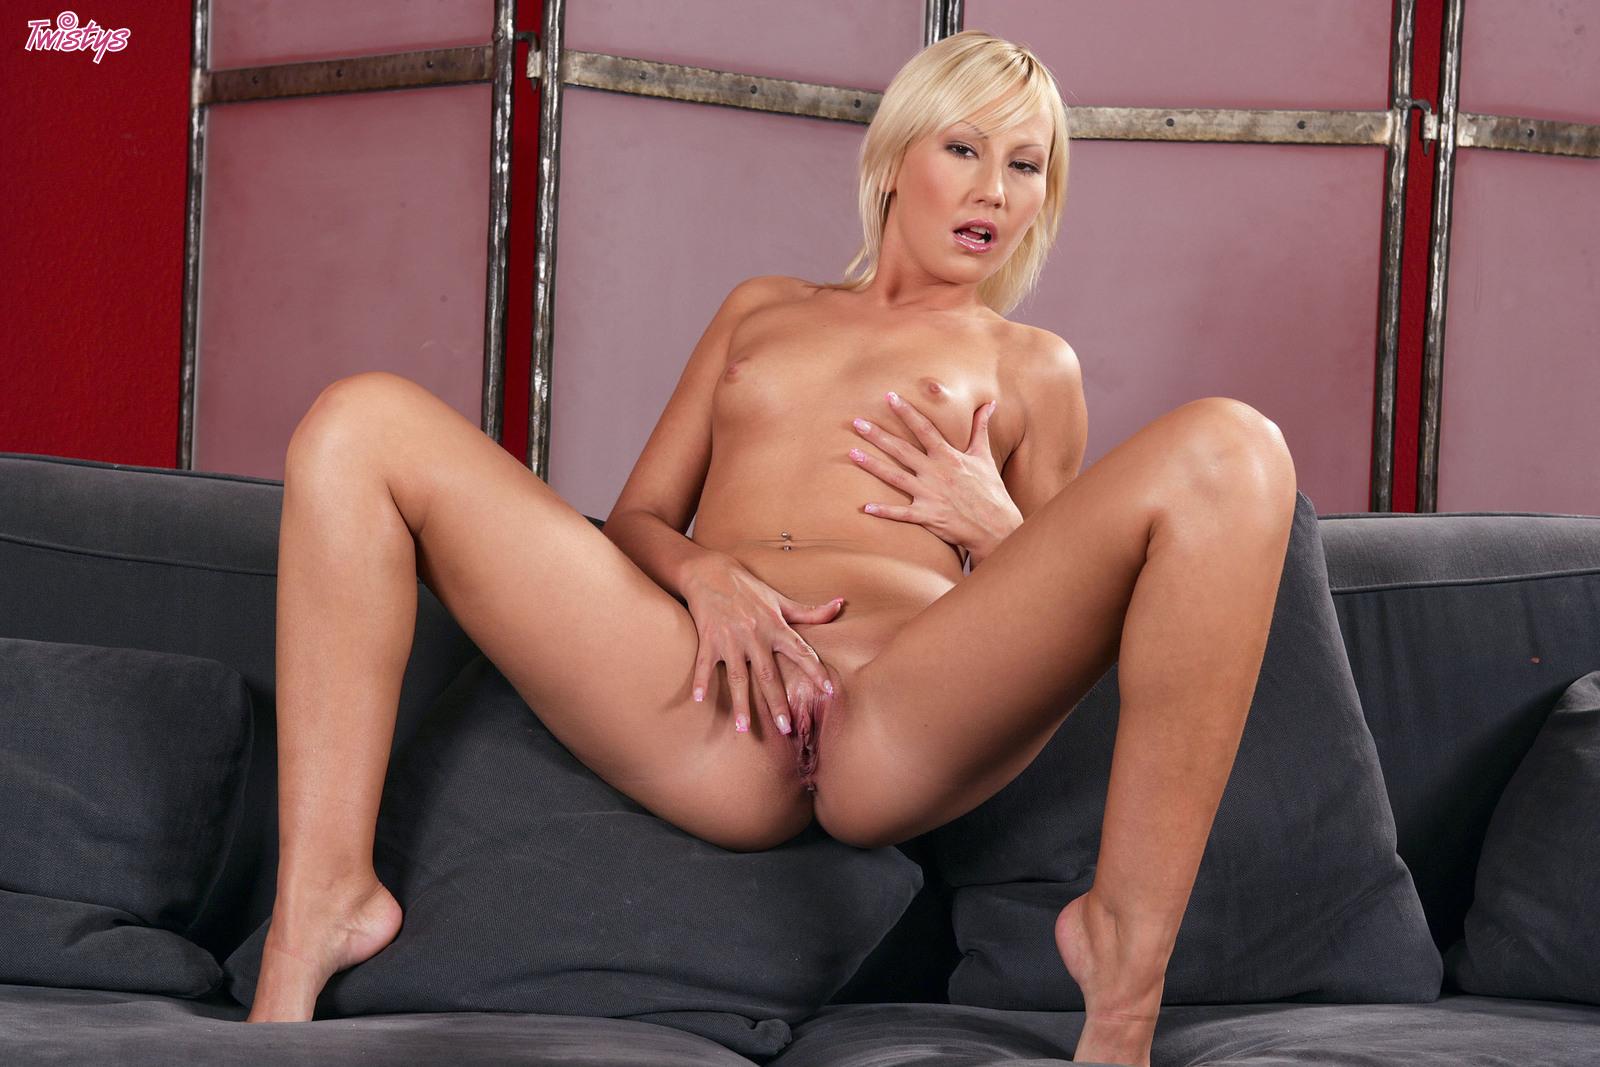 Грациозная блондинка в белых бикини и туфлях Viktoria Twistys раздвигает свою ухоженную вагину